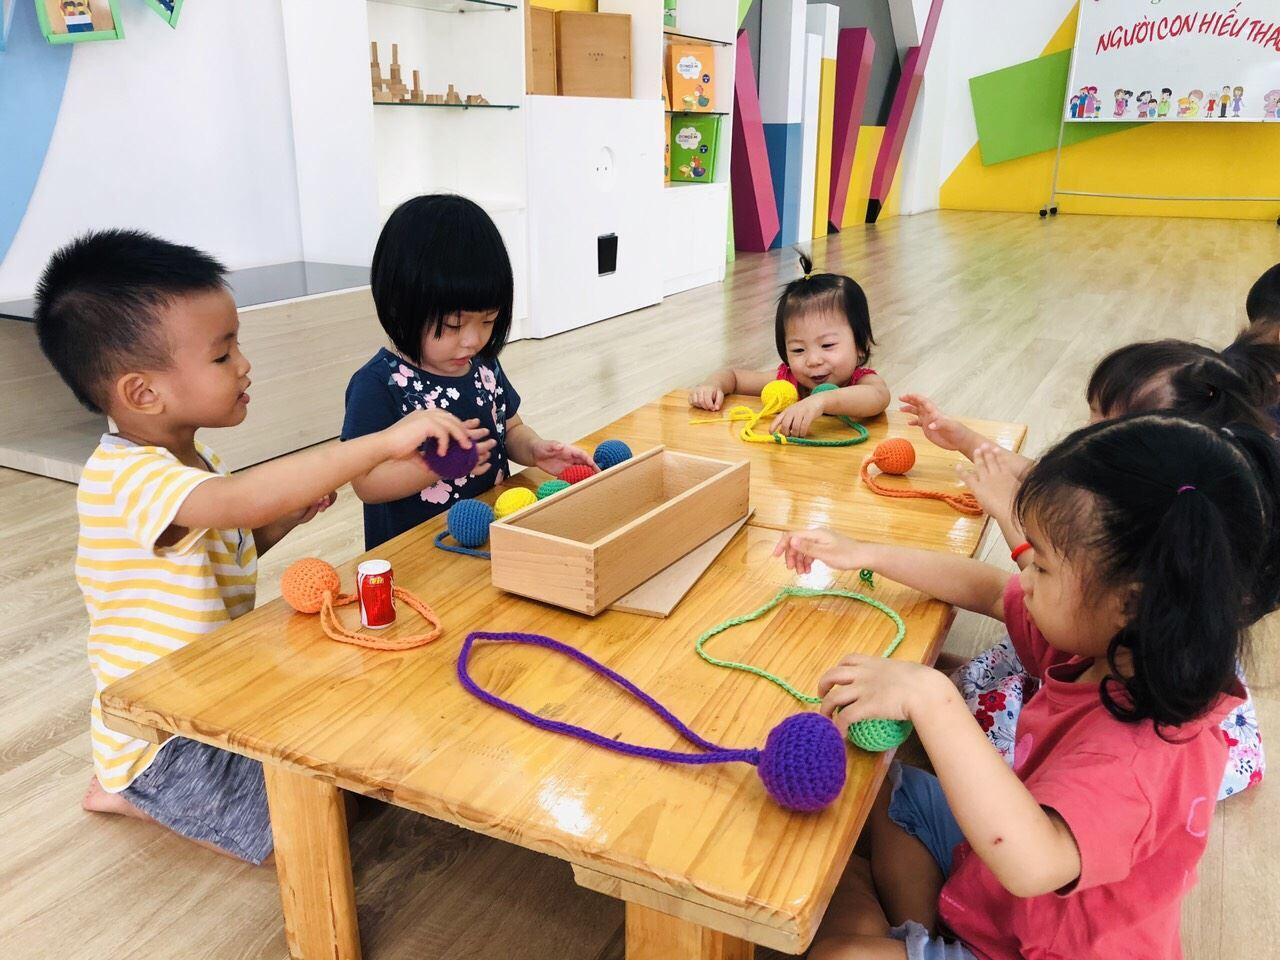 Gabe – Phương pháp giáo dục hiệu quả dành cho trẻ mầm non